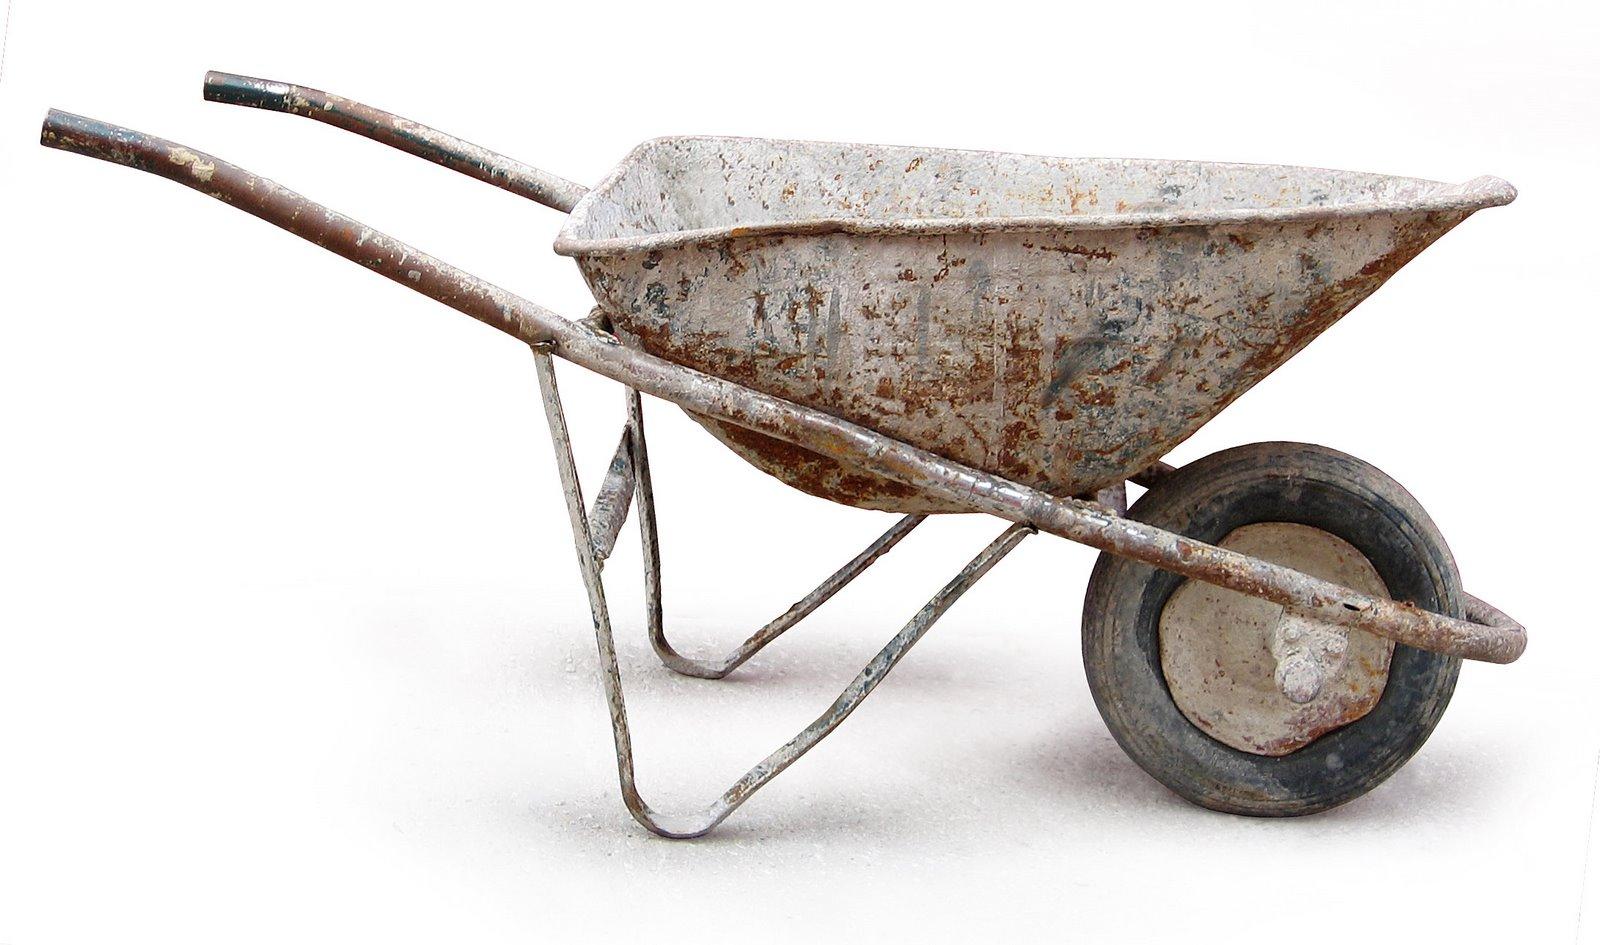 Belle Gunness' Wheelbarrow